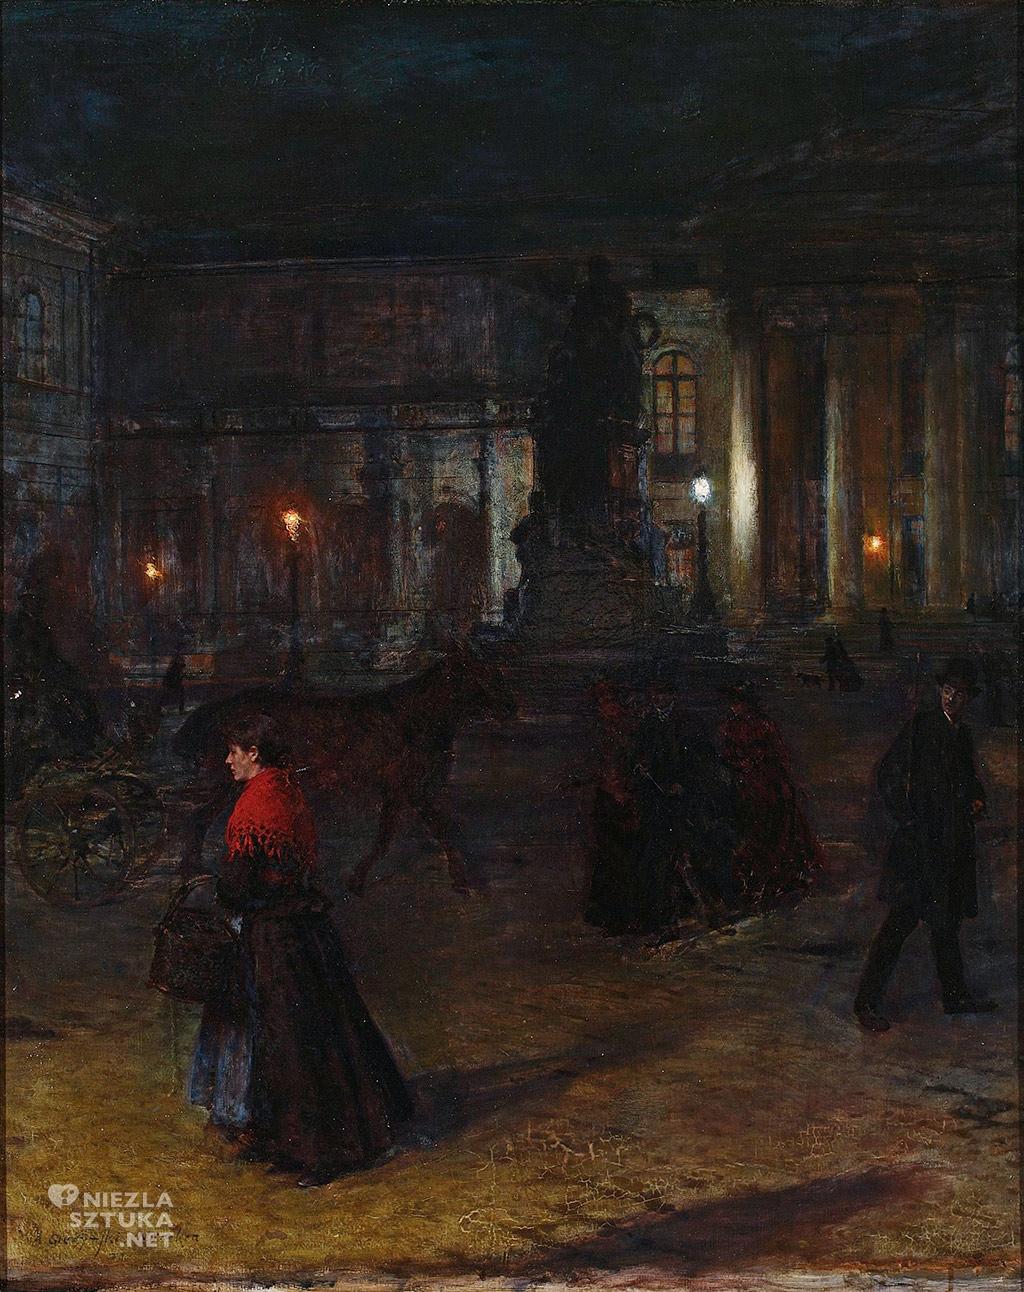 Aleksander Gierymski, Plac Maksymiliana Józefa, Monachium, nokturn, Muzeum Narodowe w Warszawie, Niezła sztuka